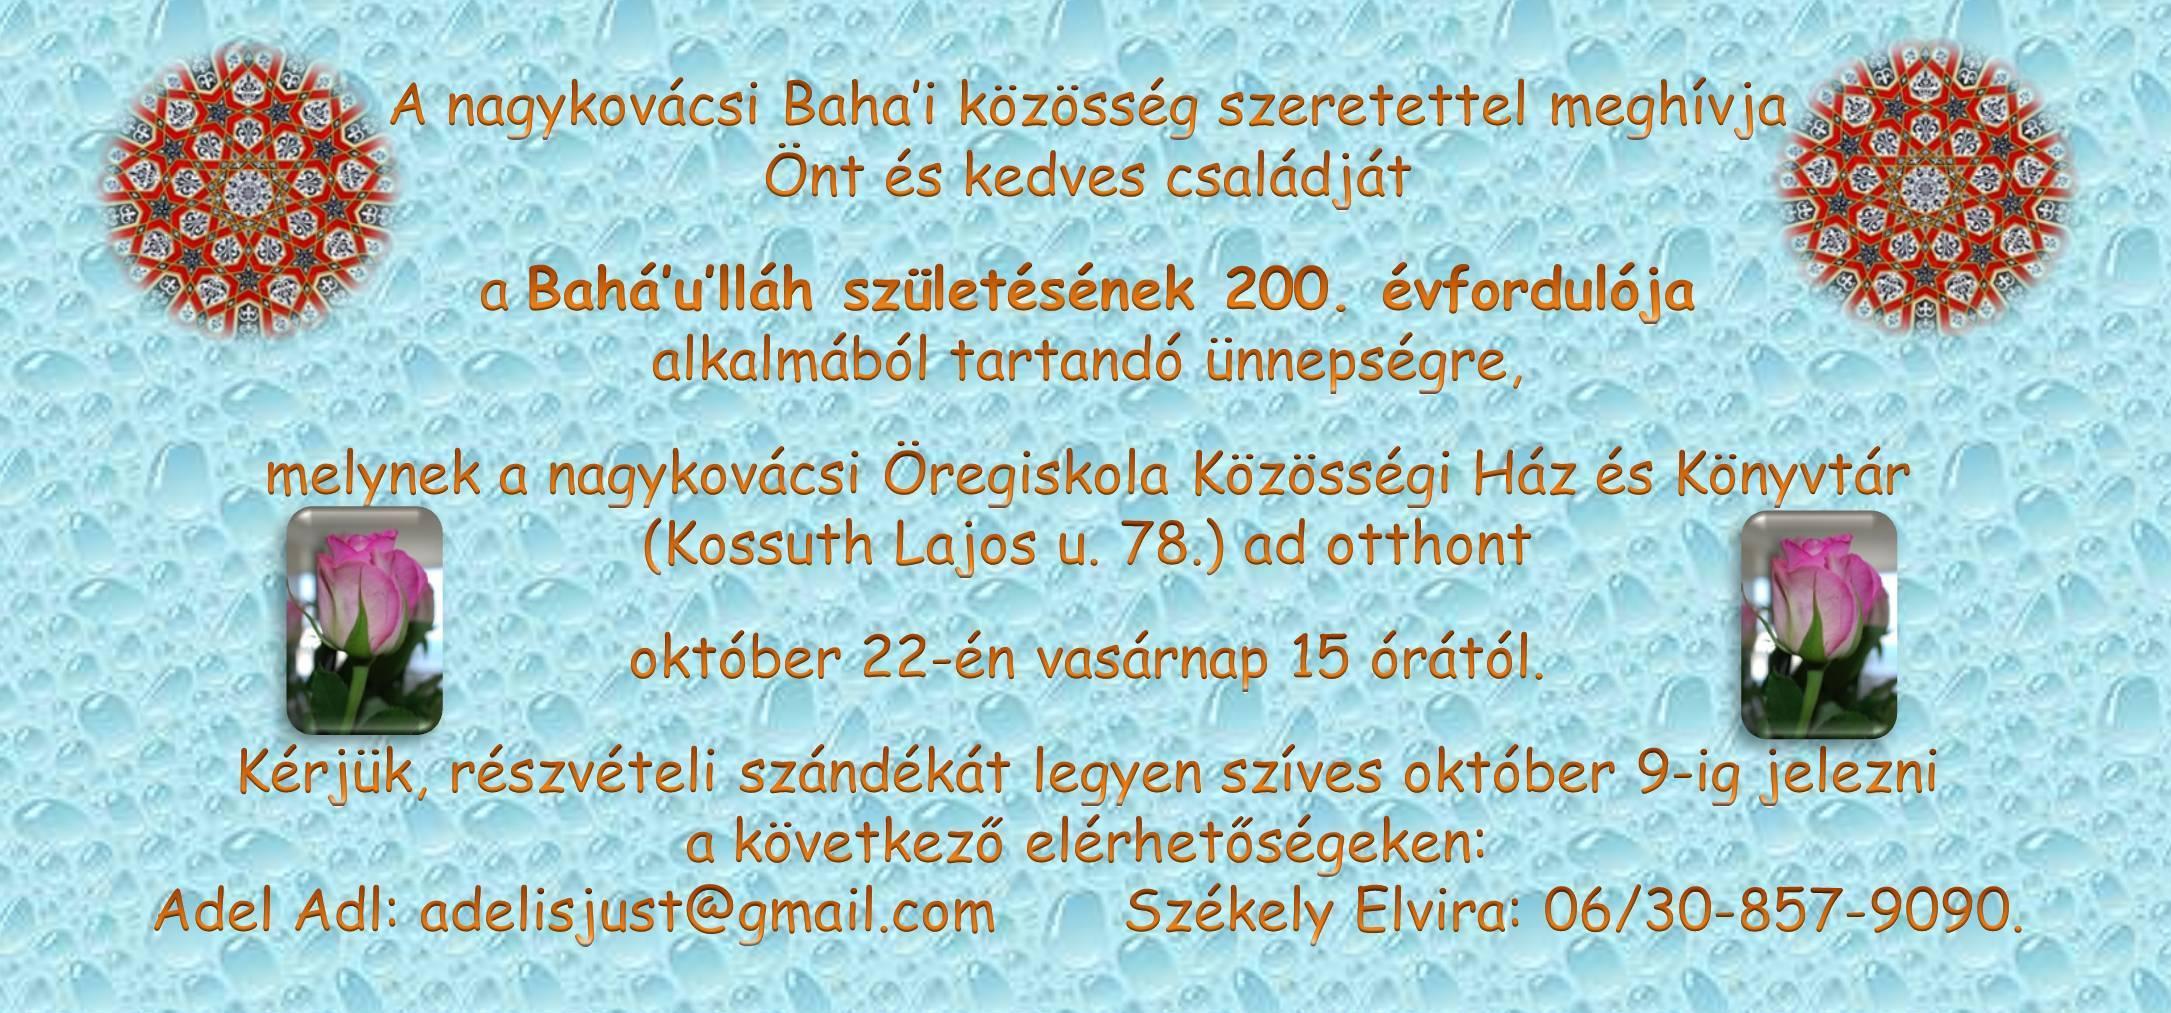 A Nagykovácsiban tartandó bicentenáriumi ünnepség meghívója